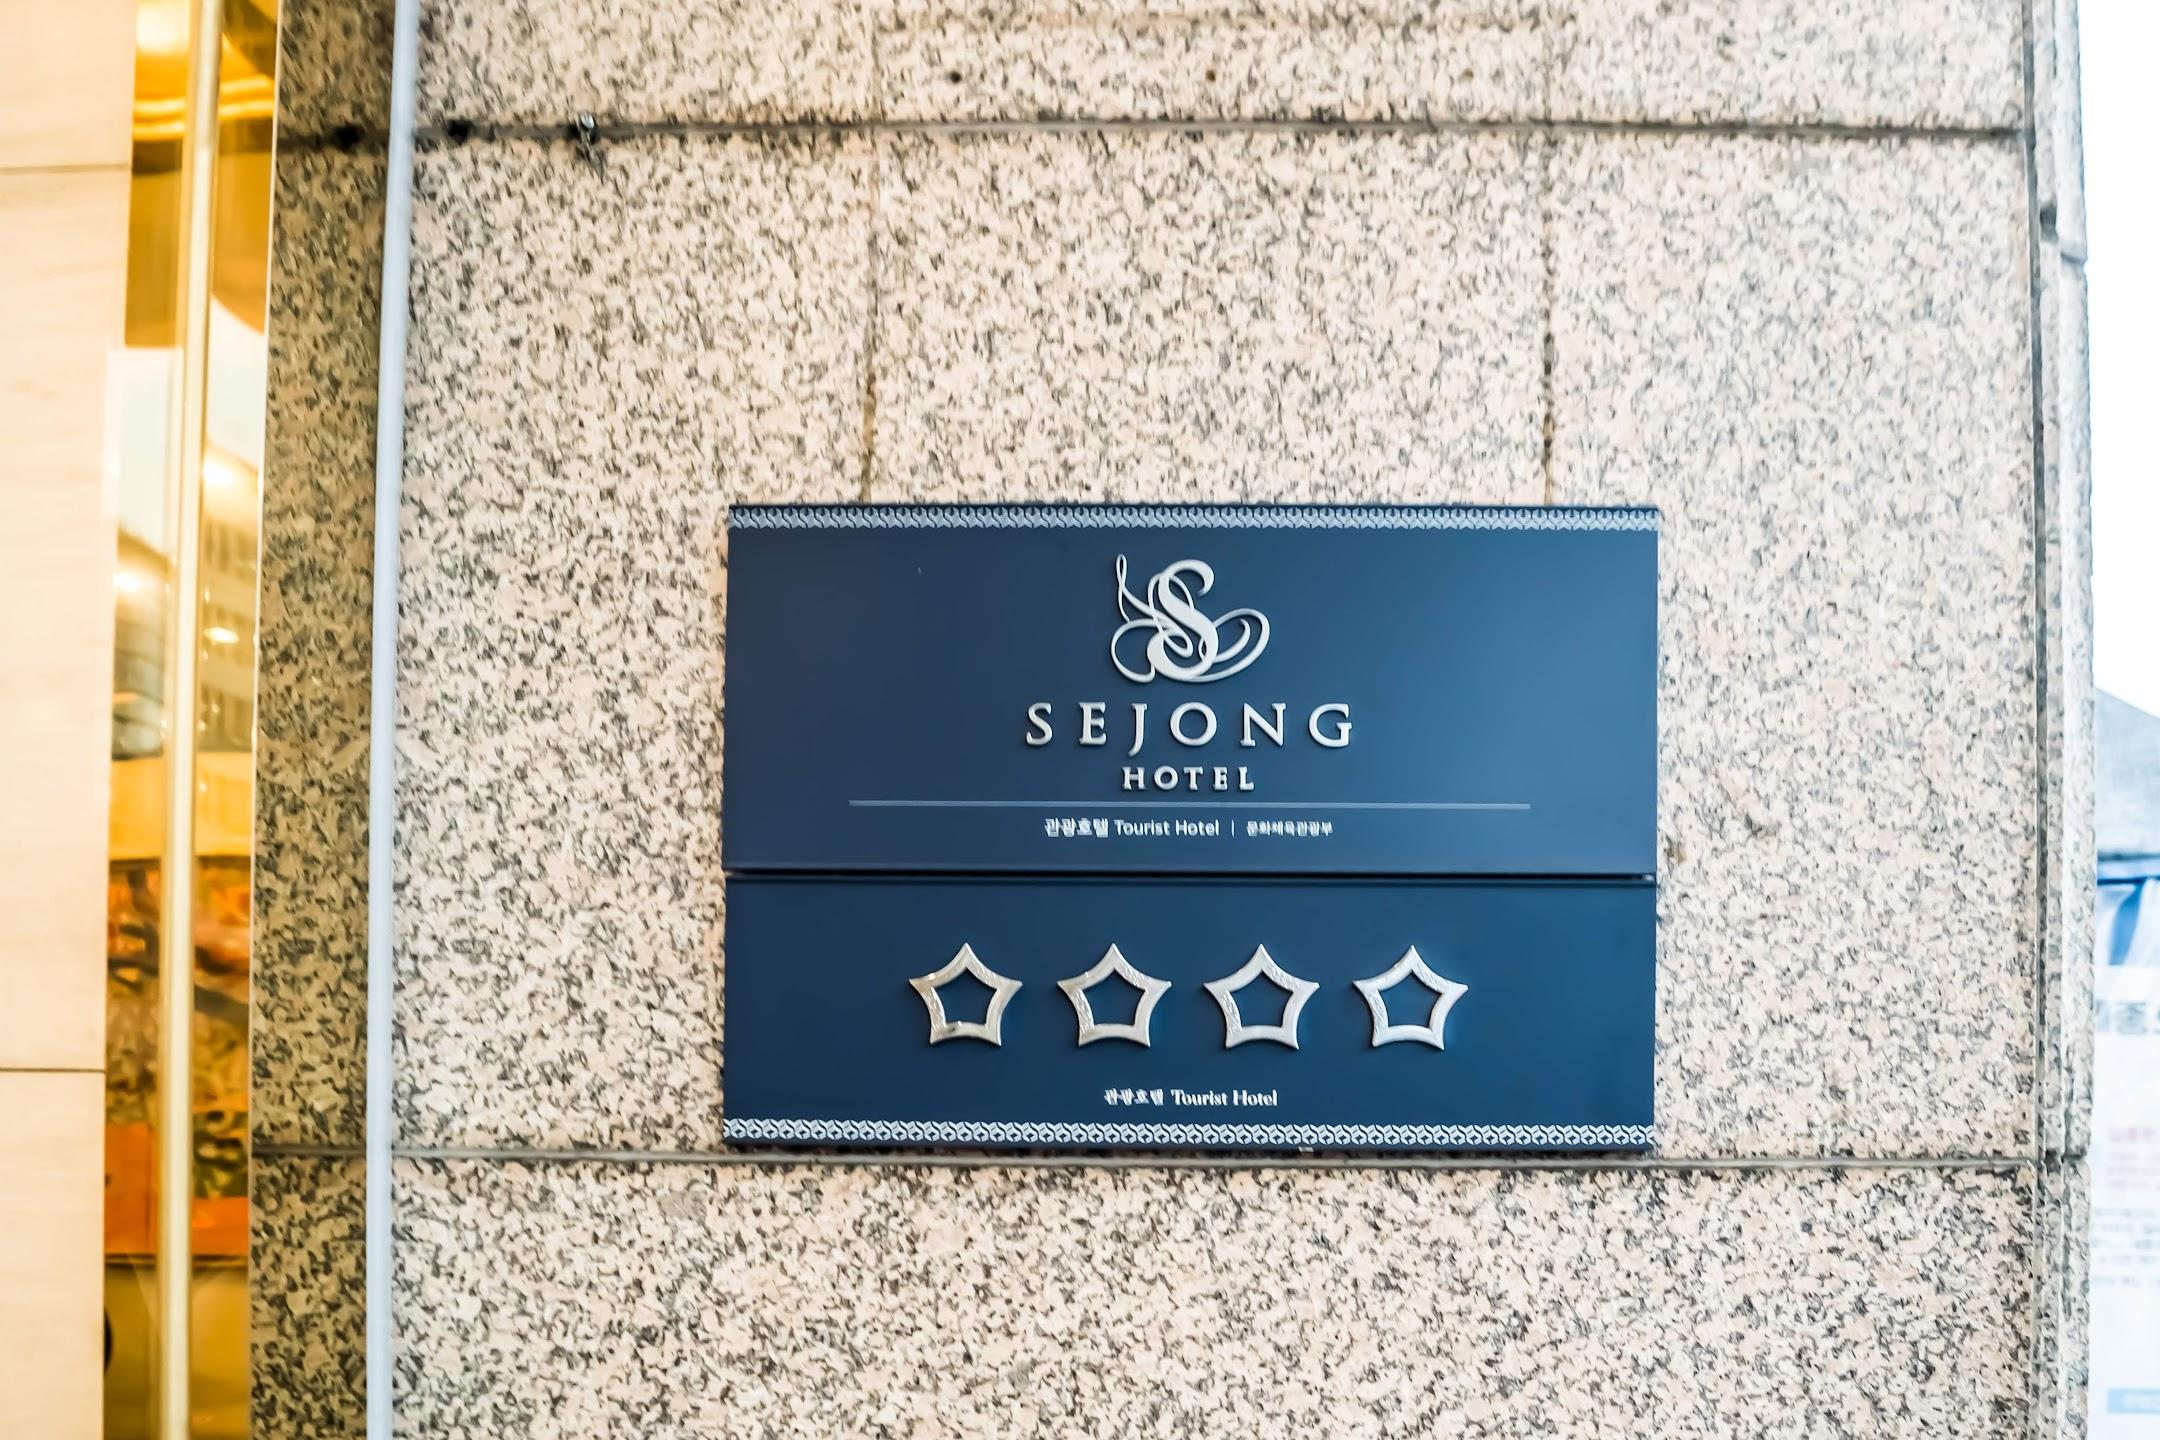 ソウル 世宗ホテル(Sejong Hotel)1